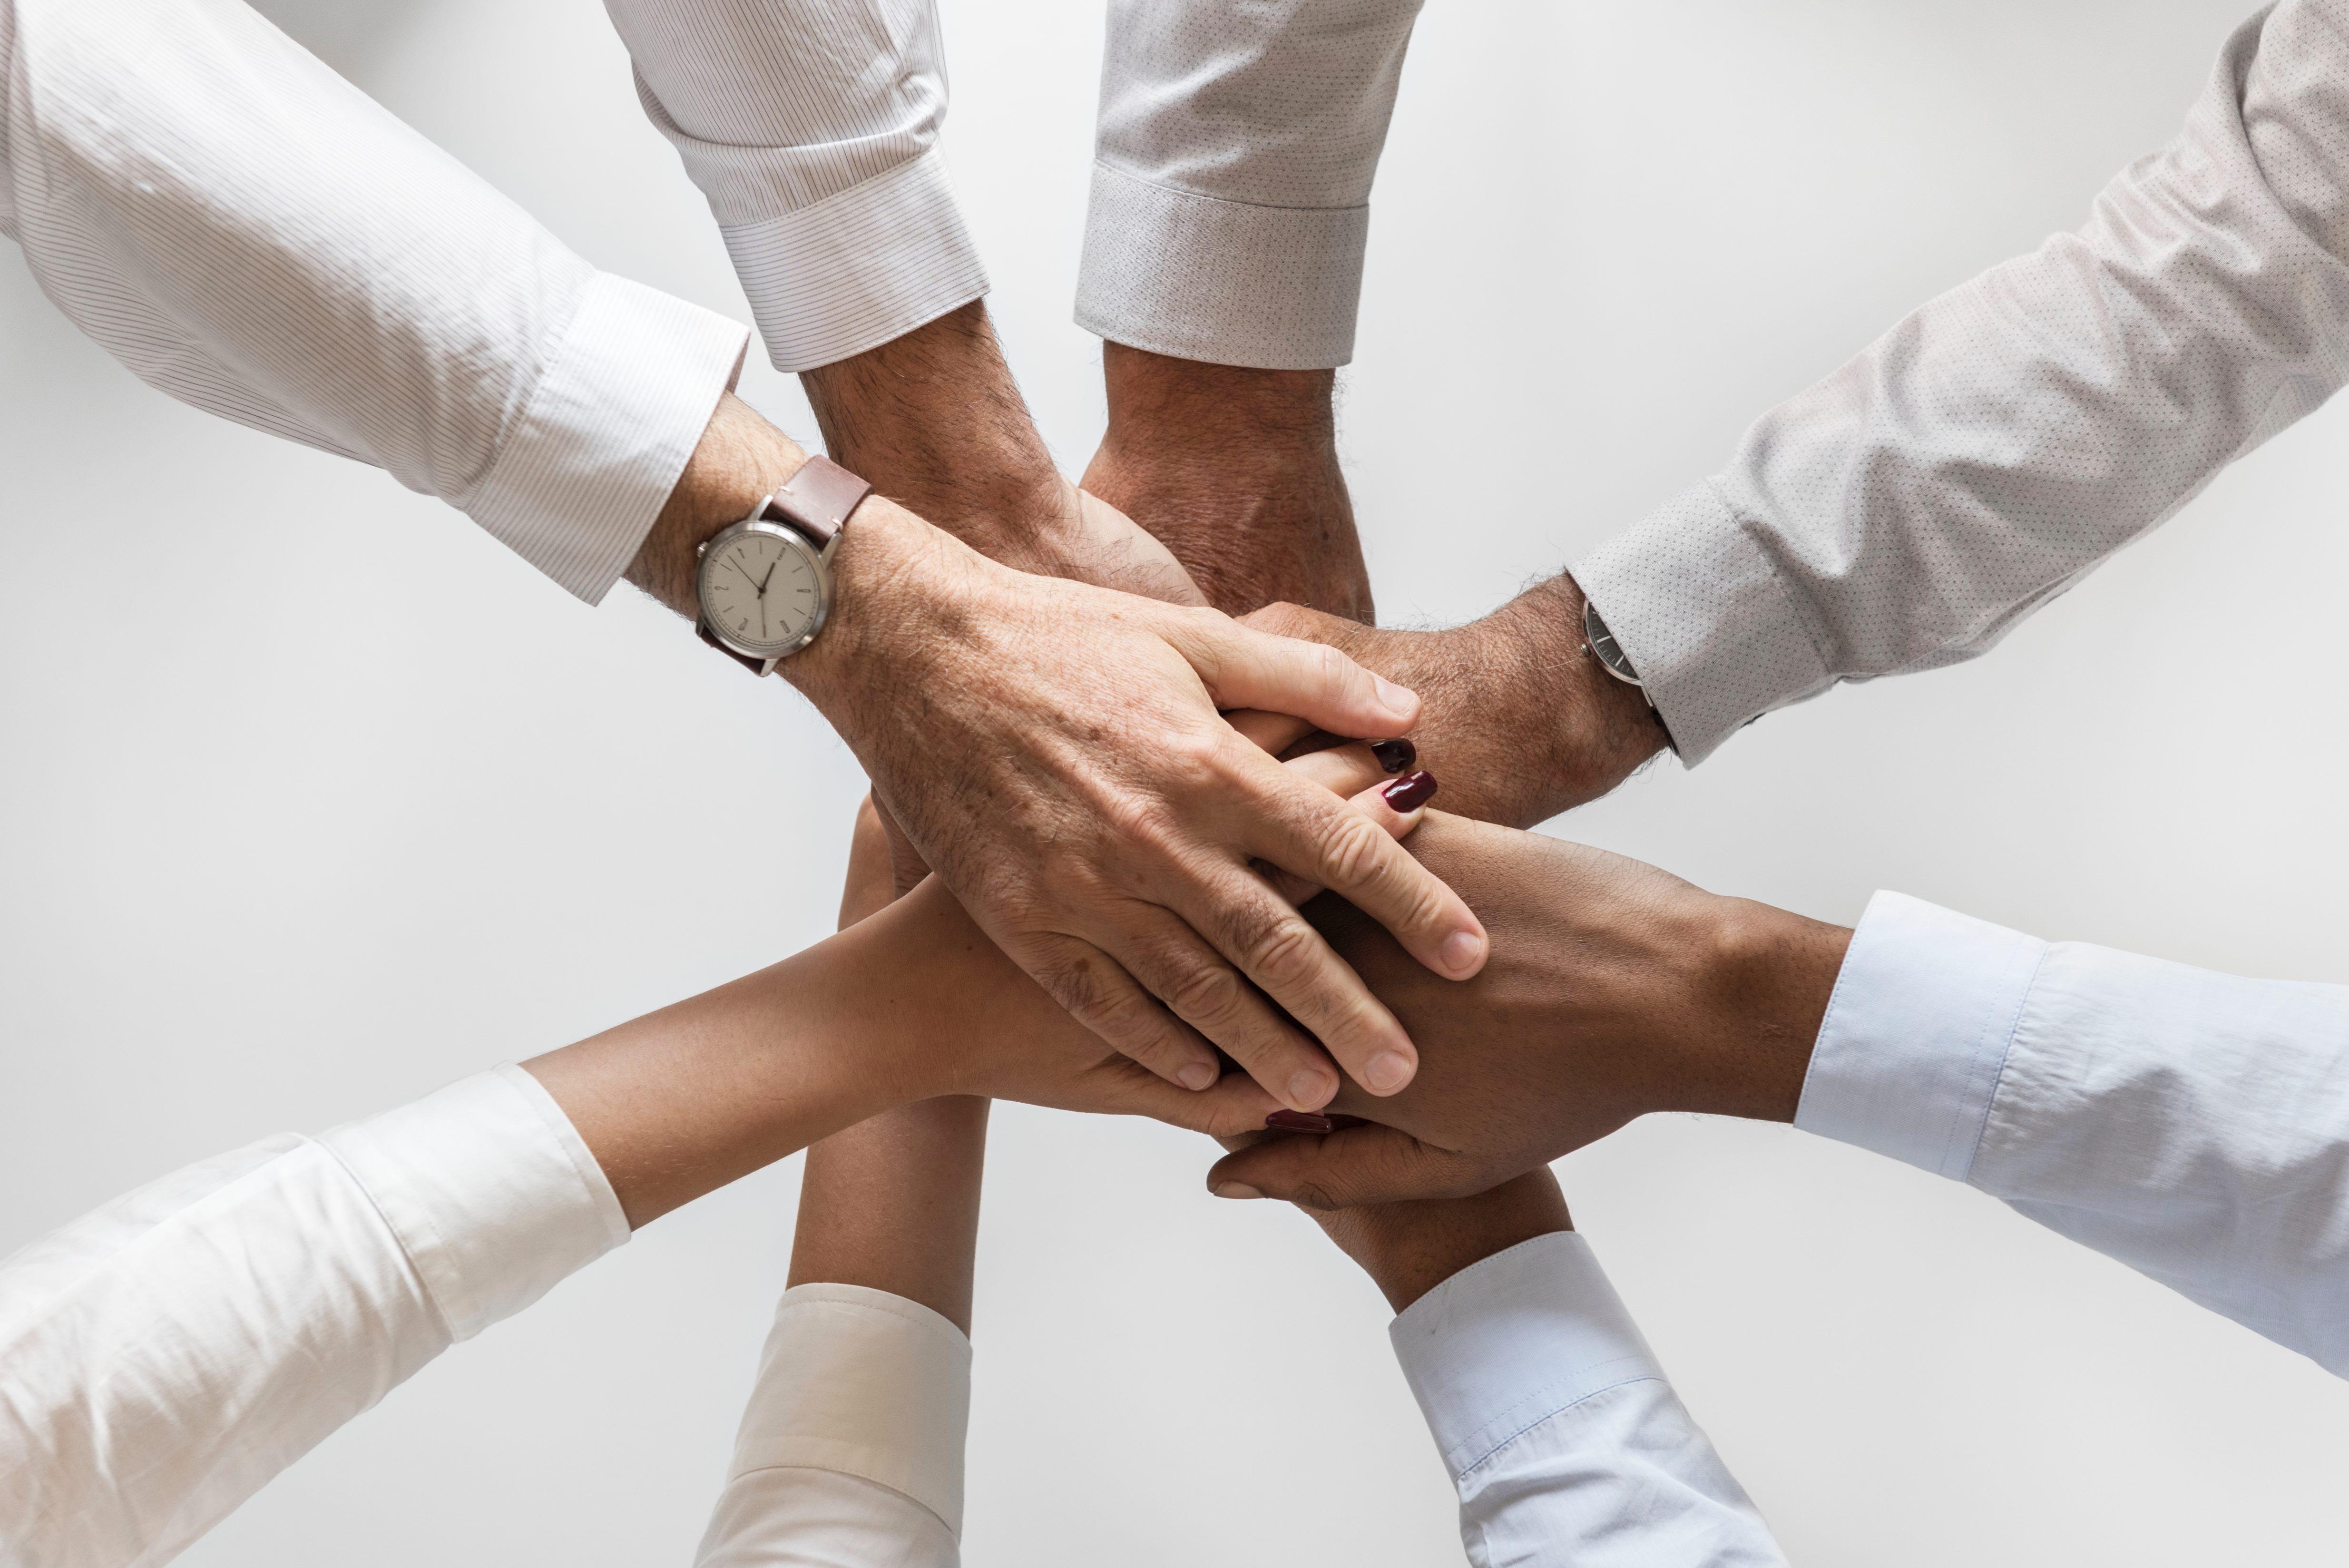 Dyskryminacja w miejscu pracy: jak wprowadzić rozsądne usprawnienia w praktyce